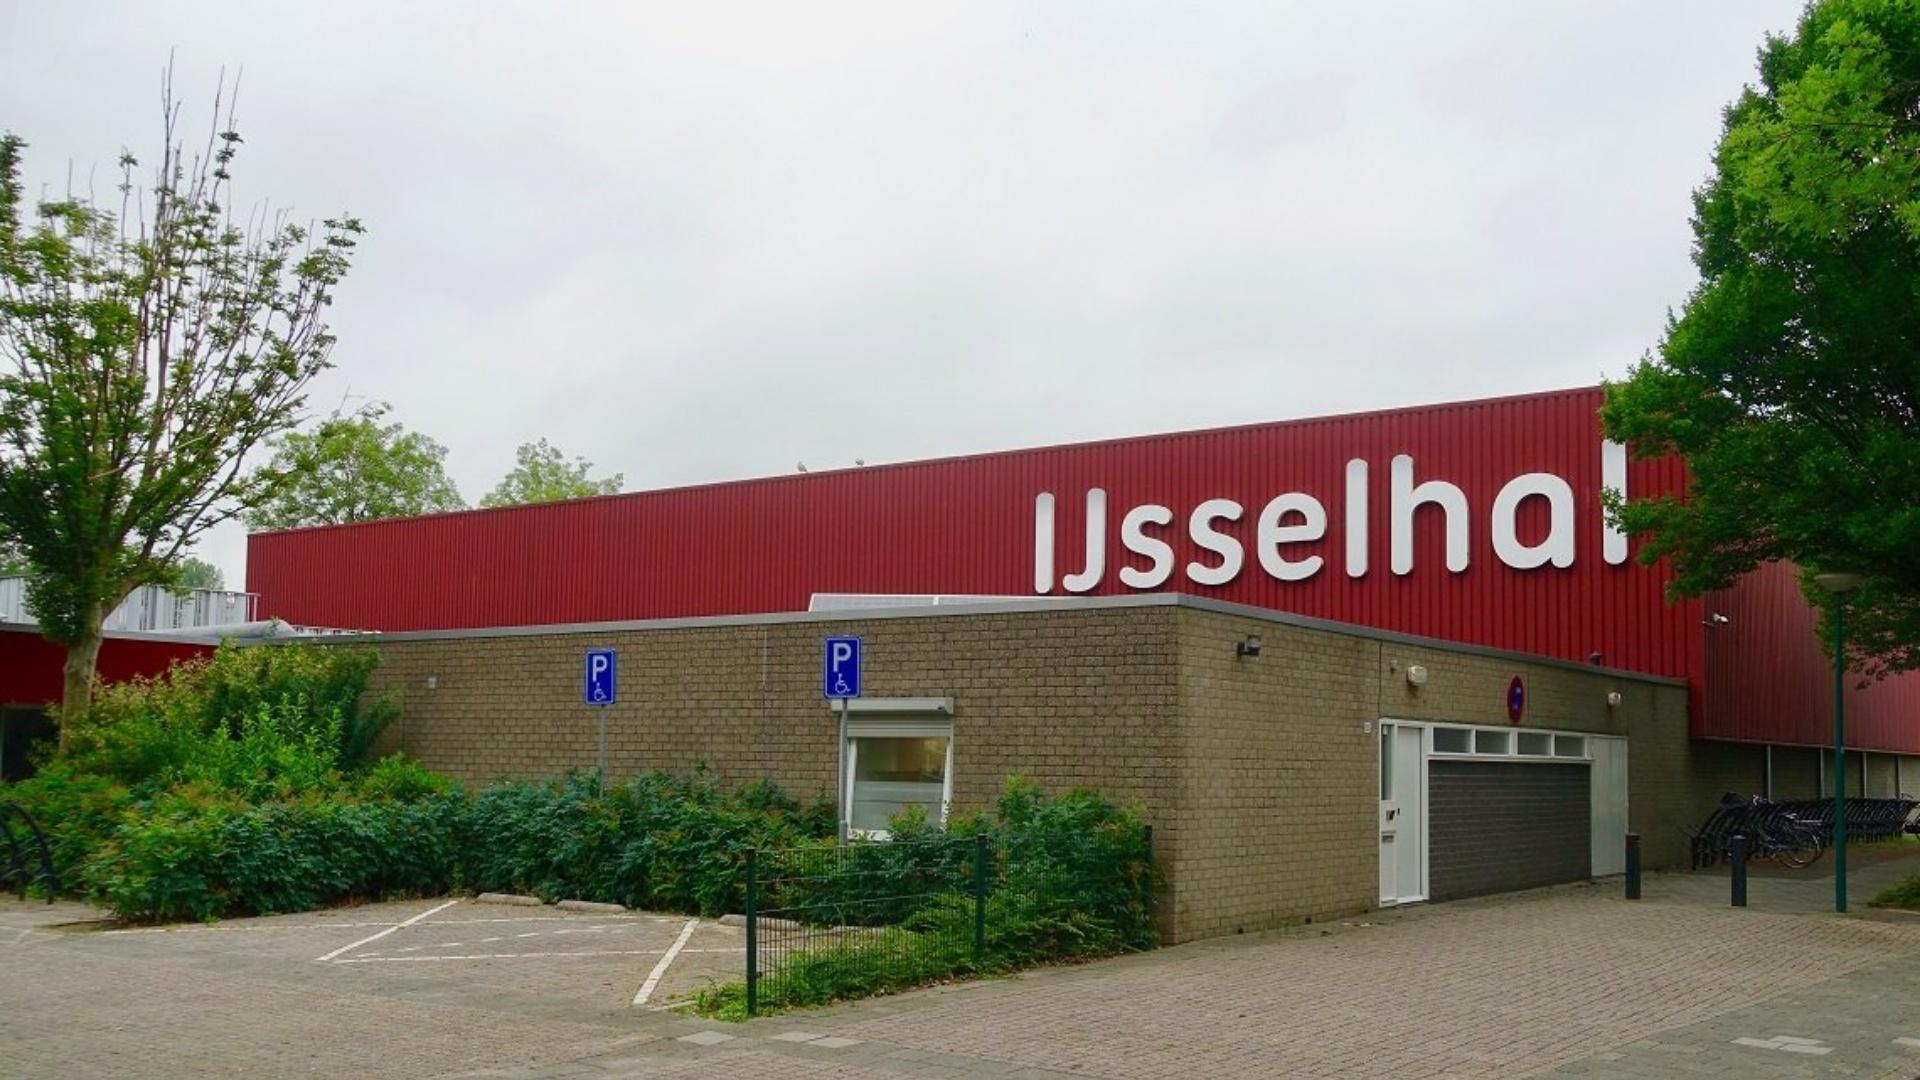 ijsselhal-dsc07976-b-brosi-p1140.jpg